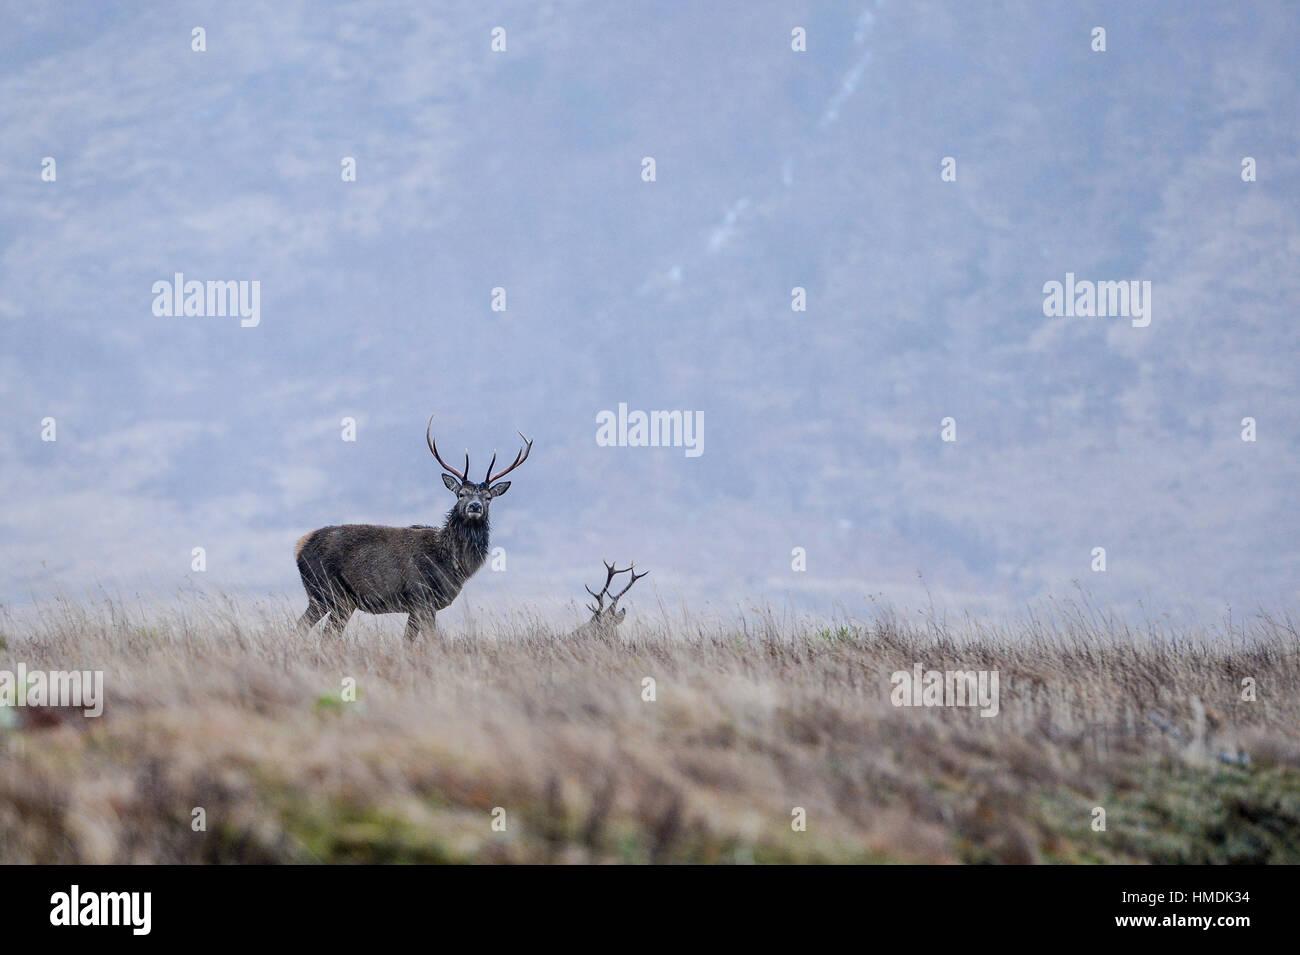 Le monarque de la Glen, un red deer stag monte la garde lors d'une froide journée hivers dans Glen Etive, Photo Stock